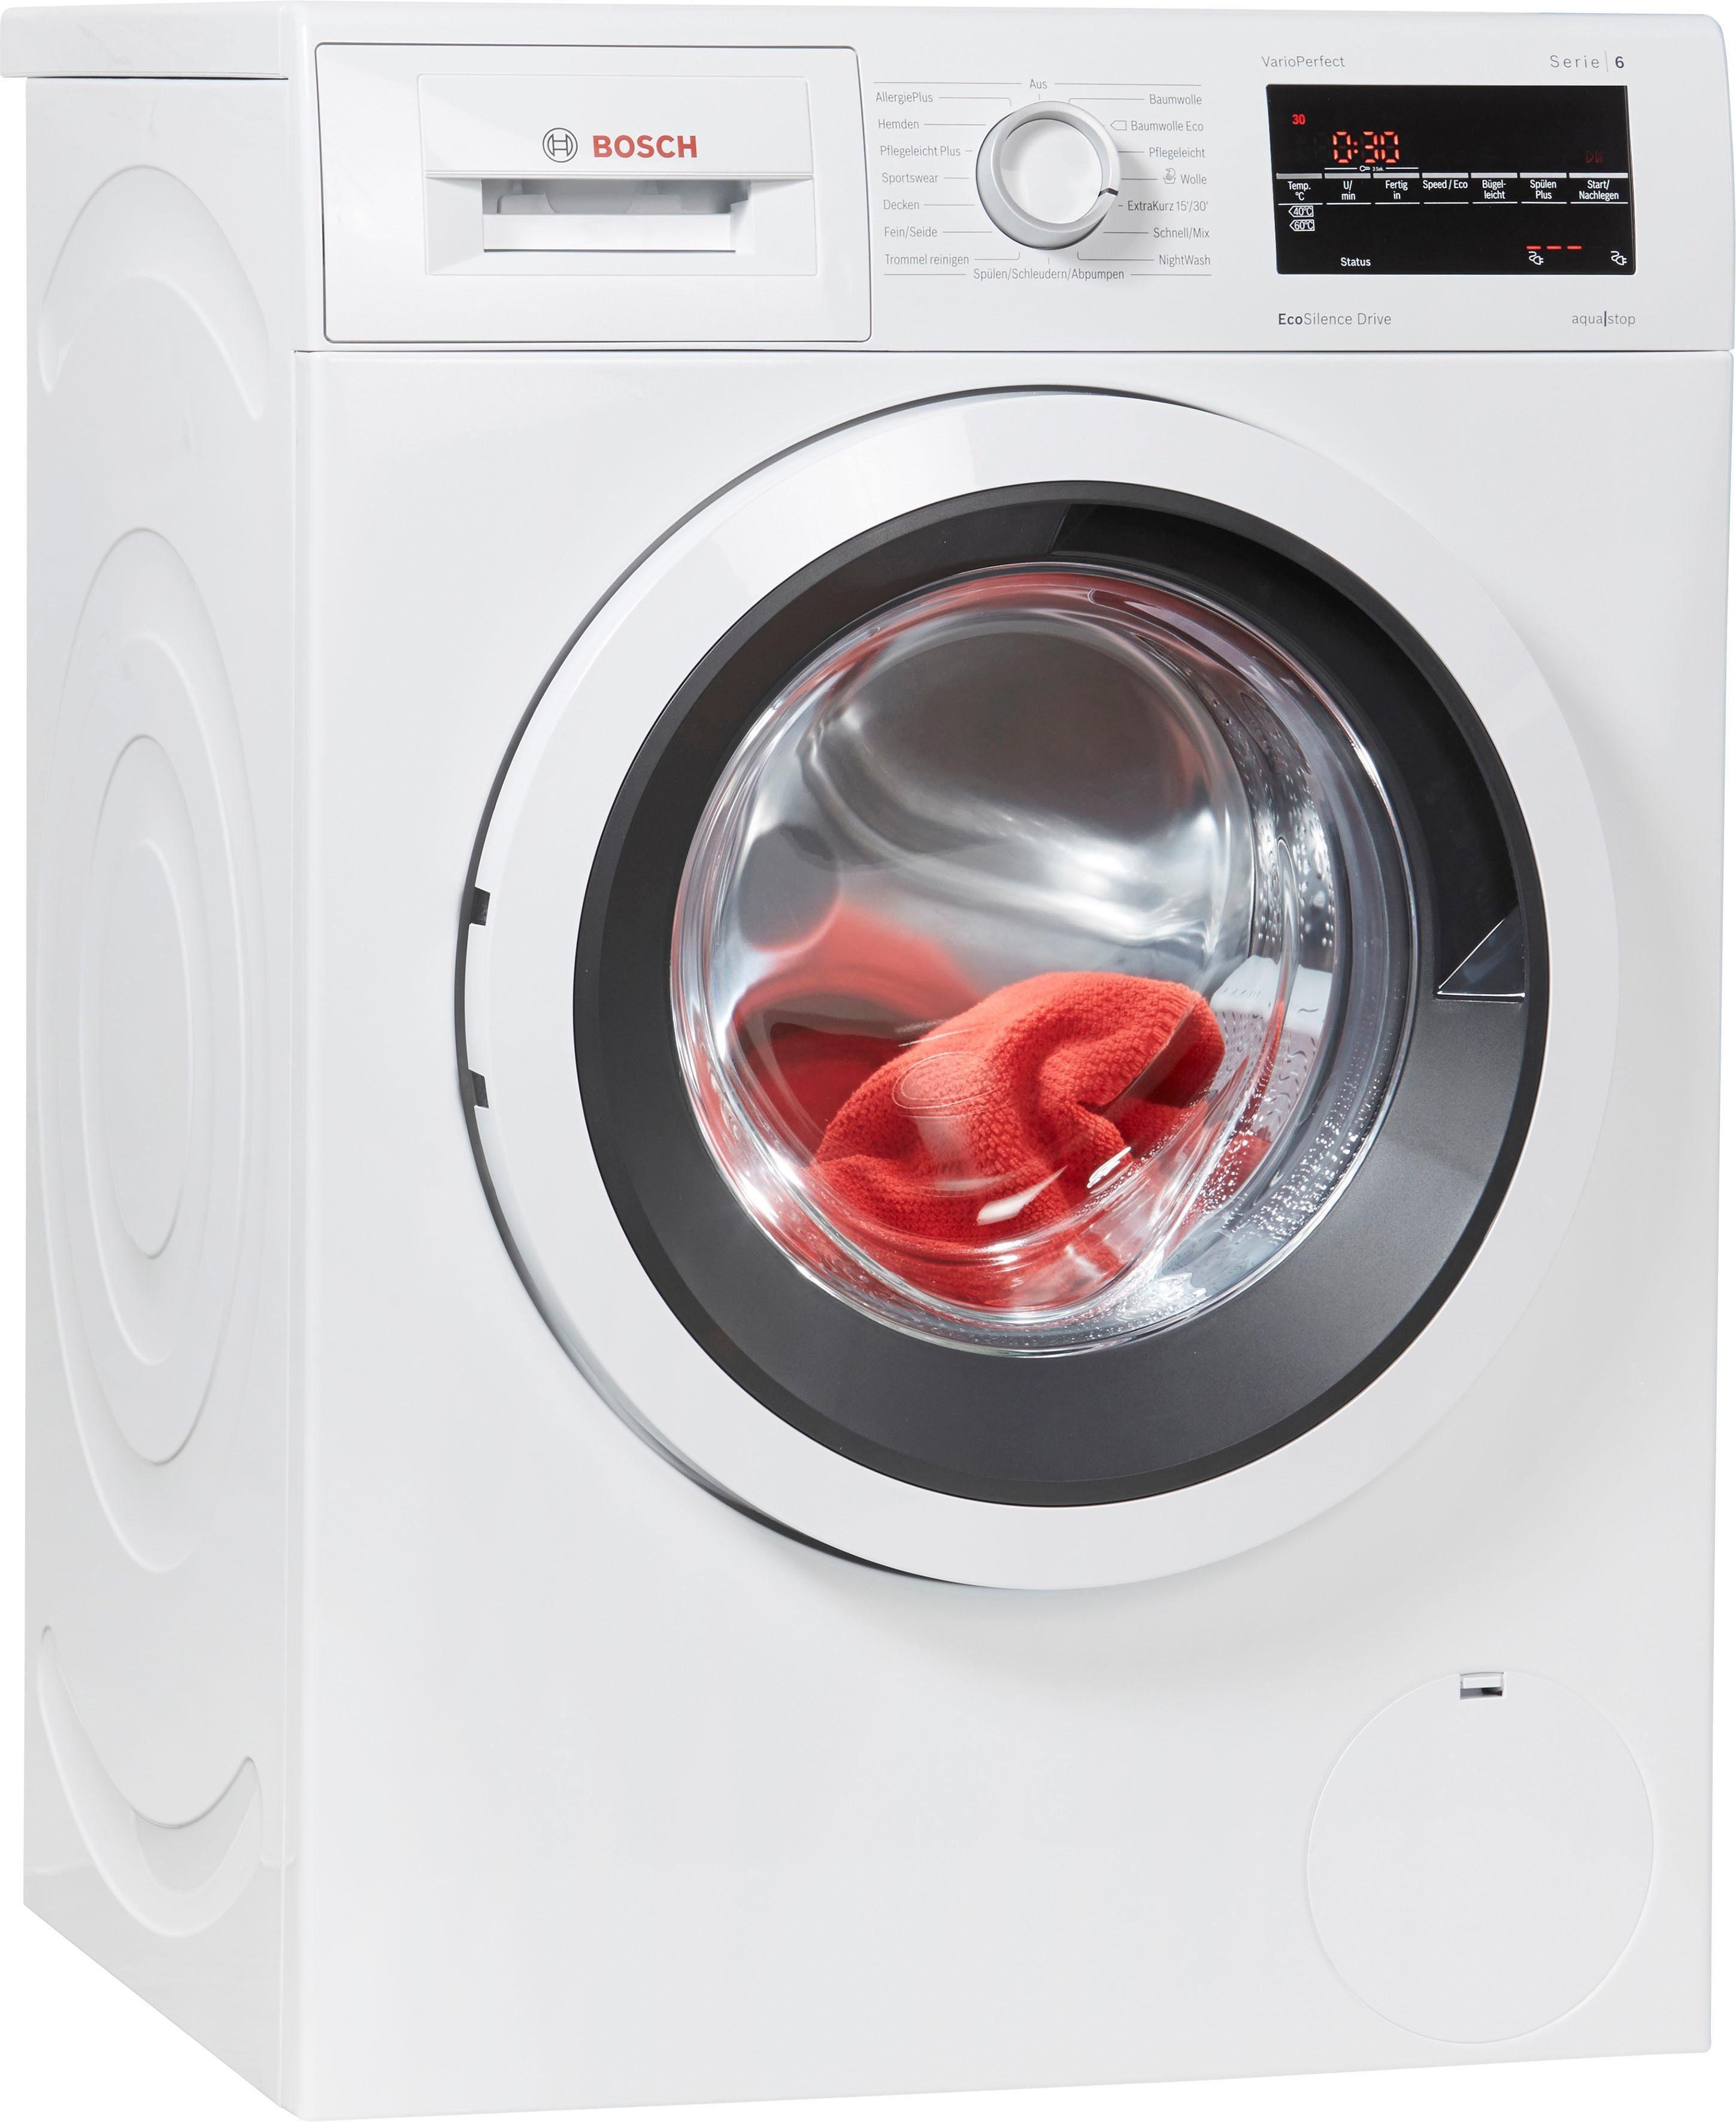 BOSCH Waschmaschine WAT284V1, 8 kg, 1400 U/Min